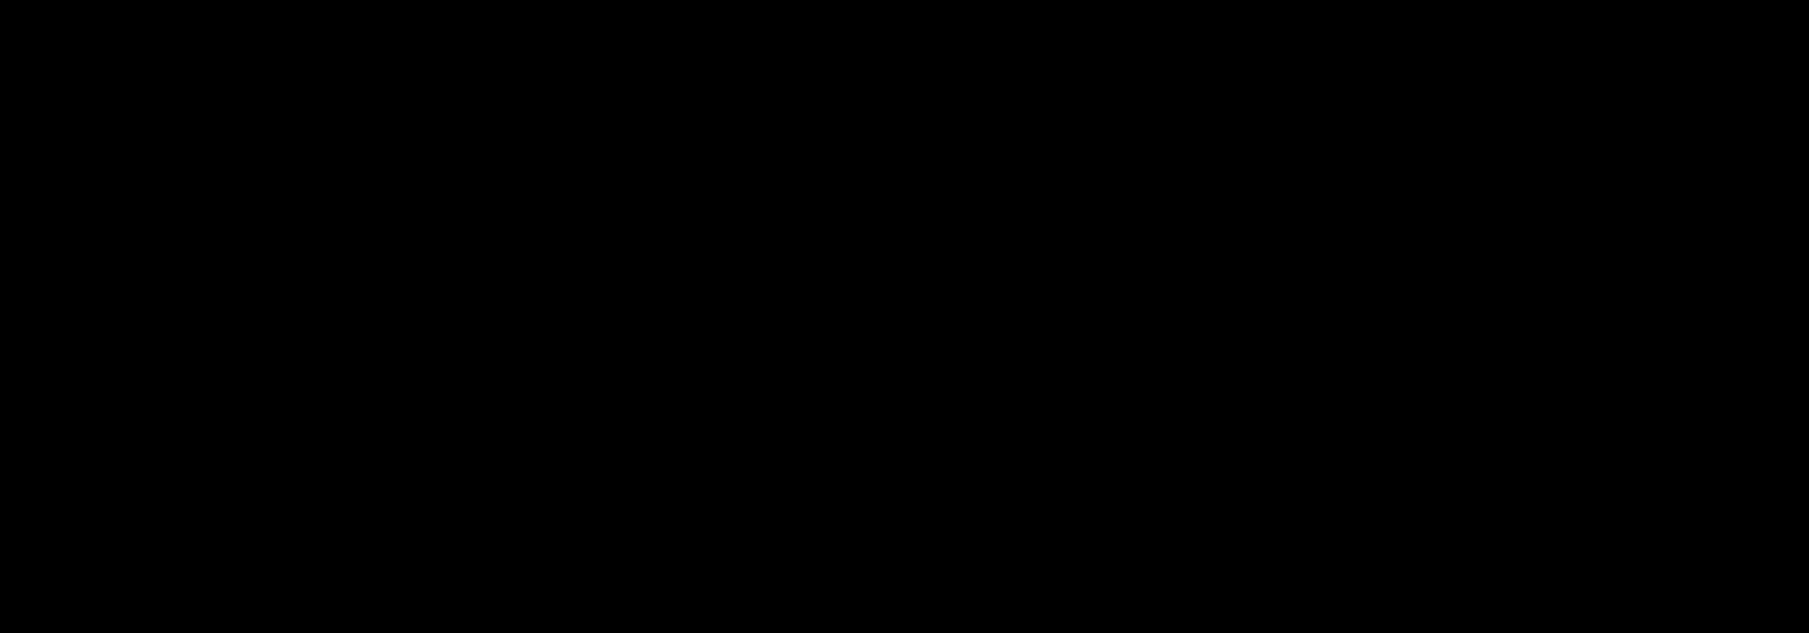 光ファイバの基本構造